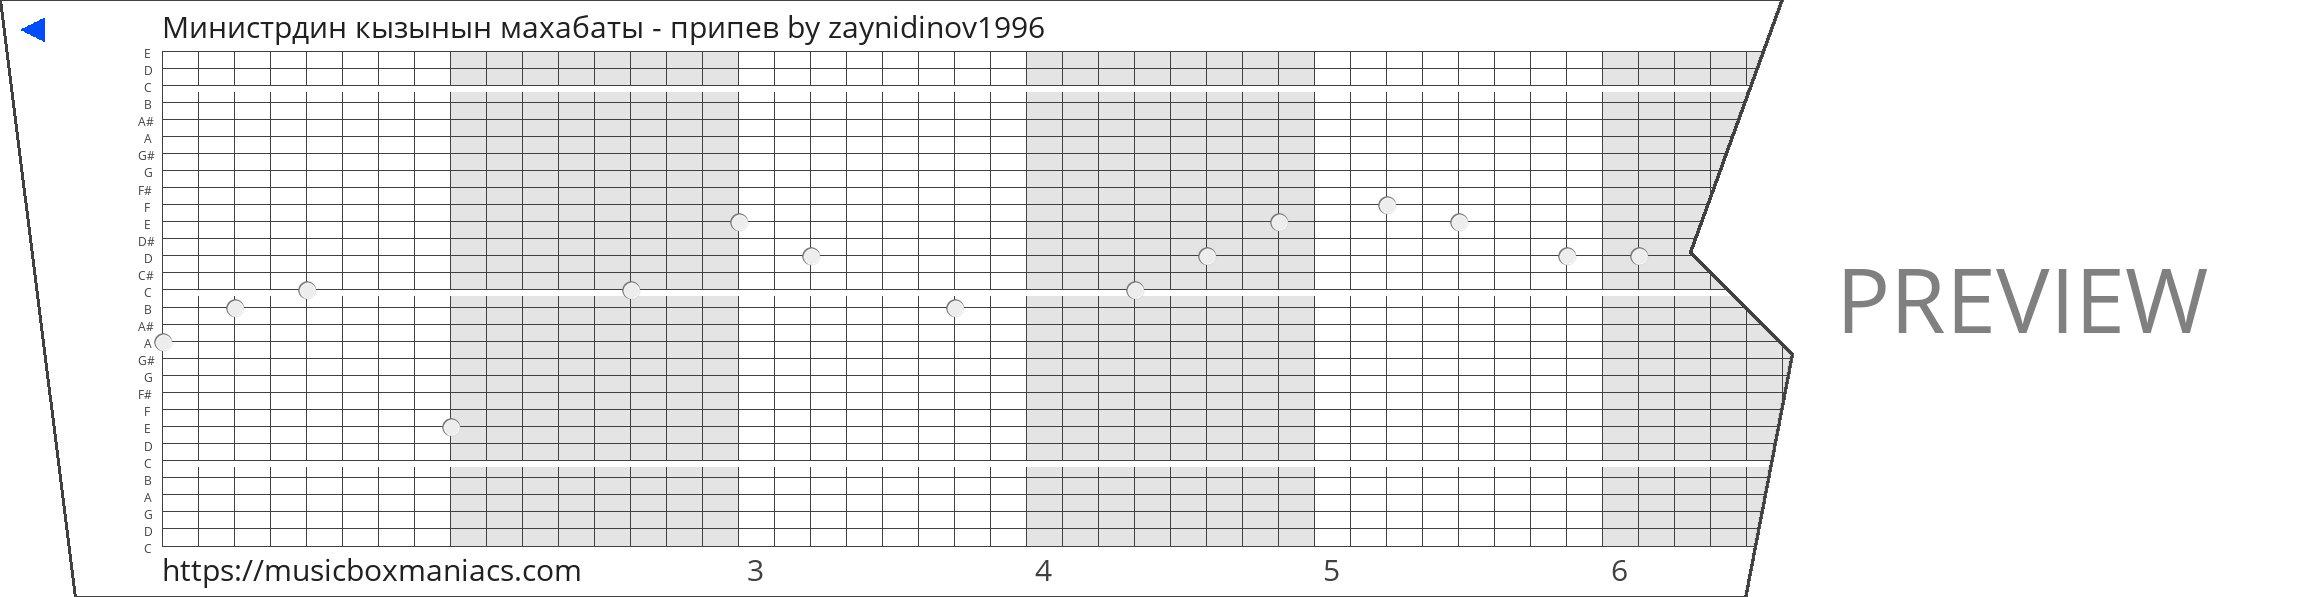 Министрдин кызынын махабаты - припев 30 note music box paper strip